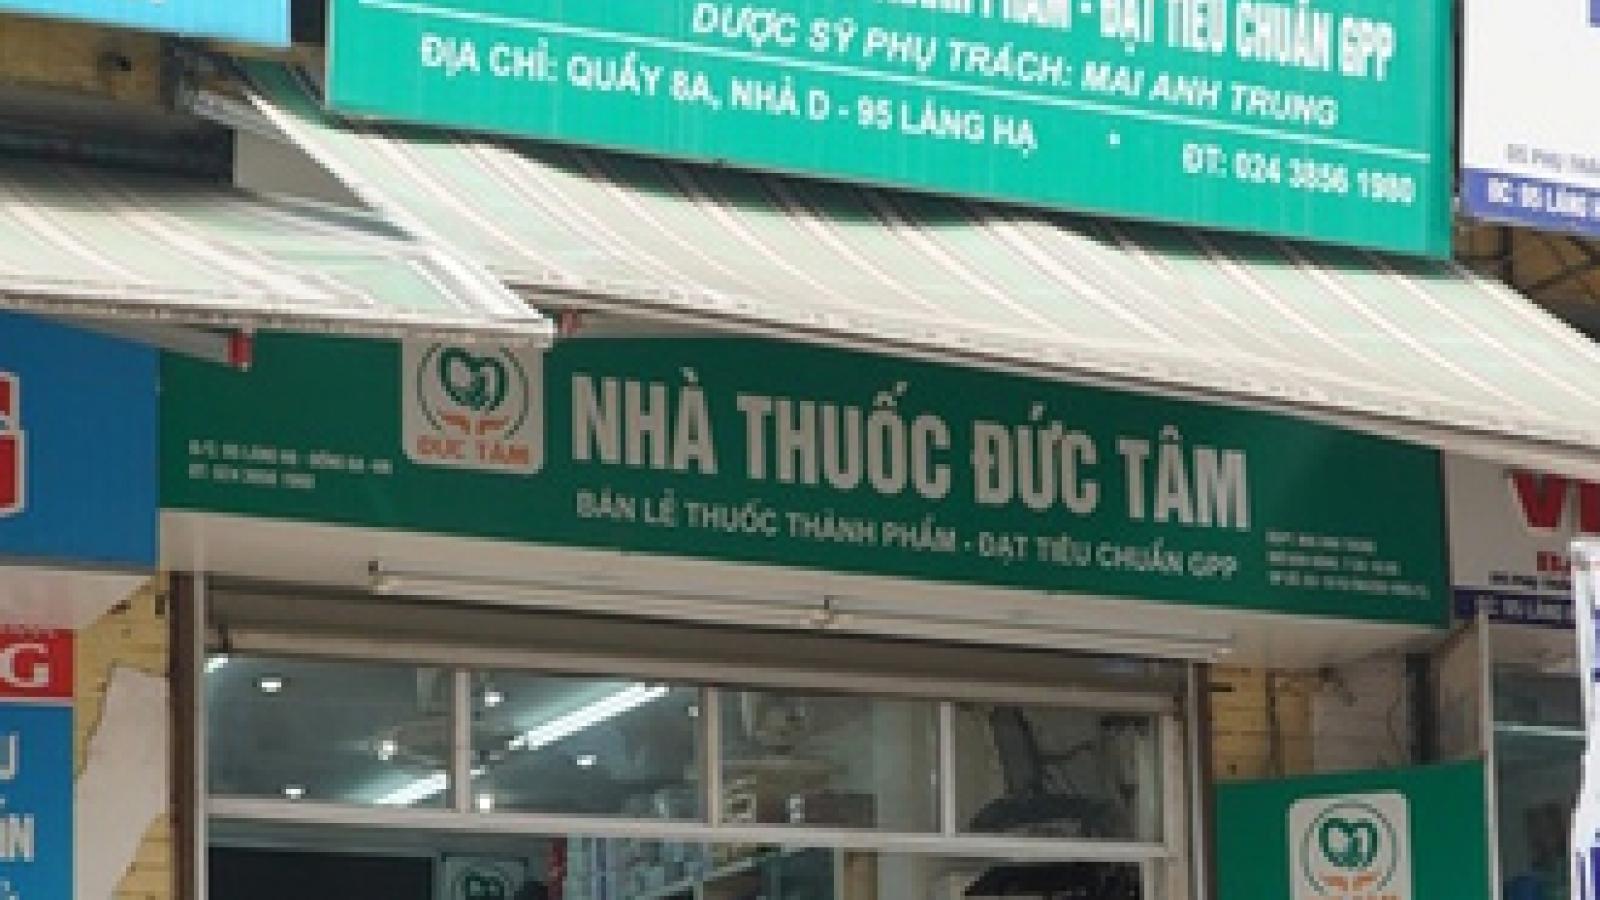 Trưa 22/7, Hà Nội có thêm 34 F0, đình chỉ hoạt động nhà thuốc Đức Tâm